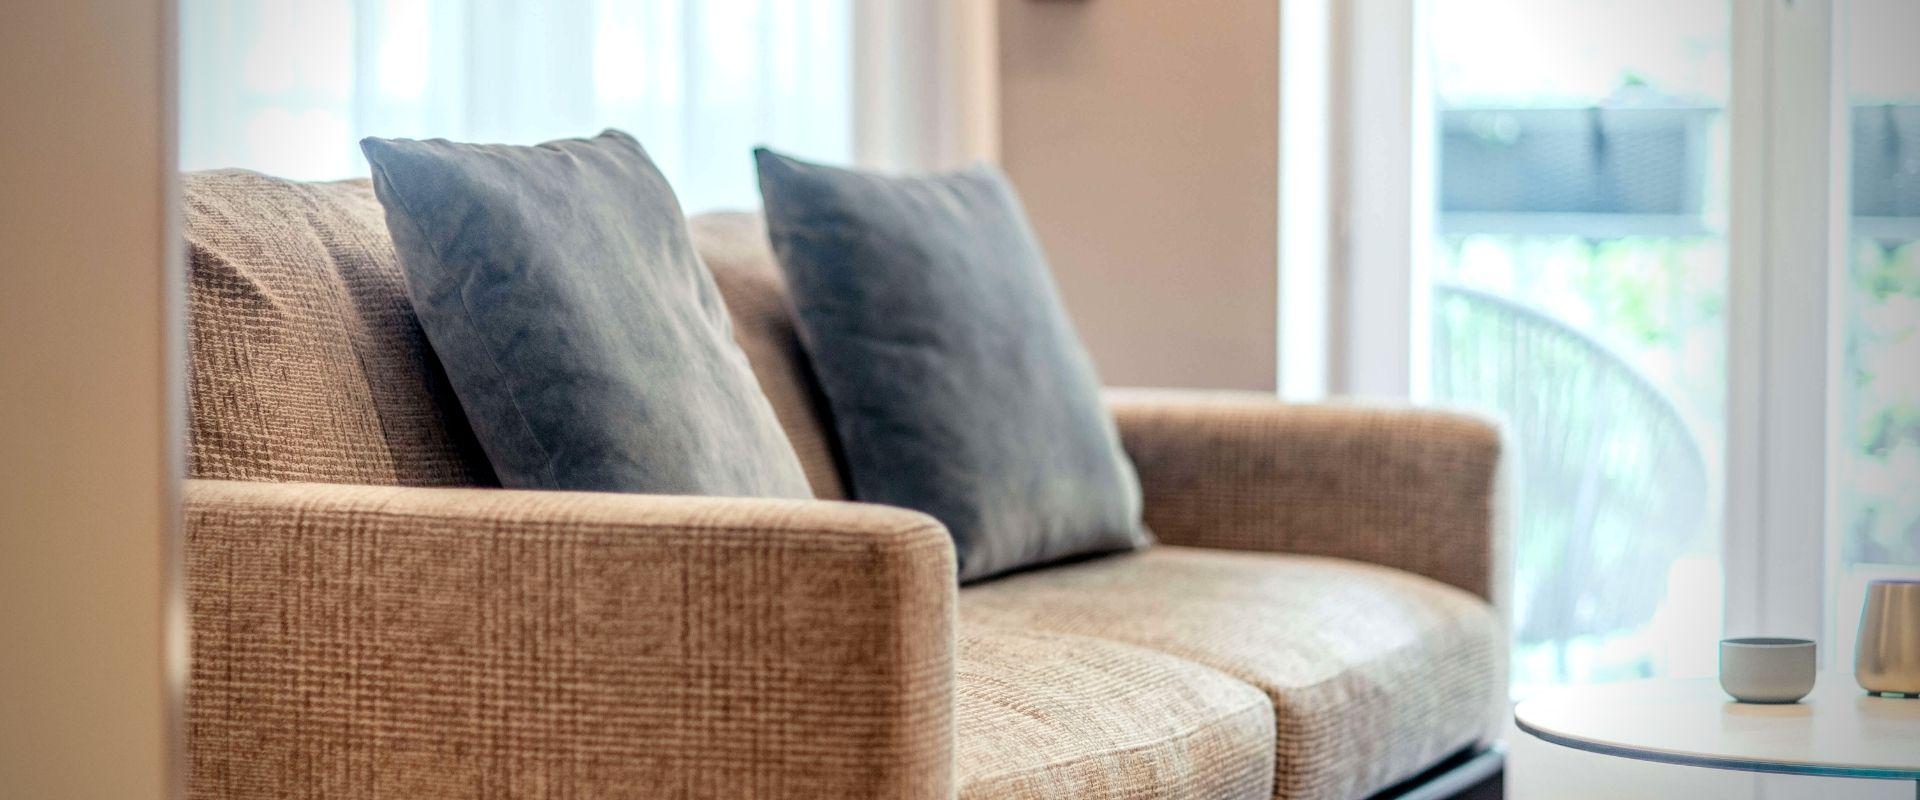 Wohnbereich Couch Maximilian Munich Hotel München